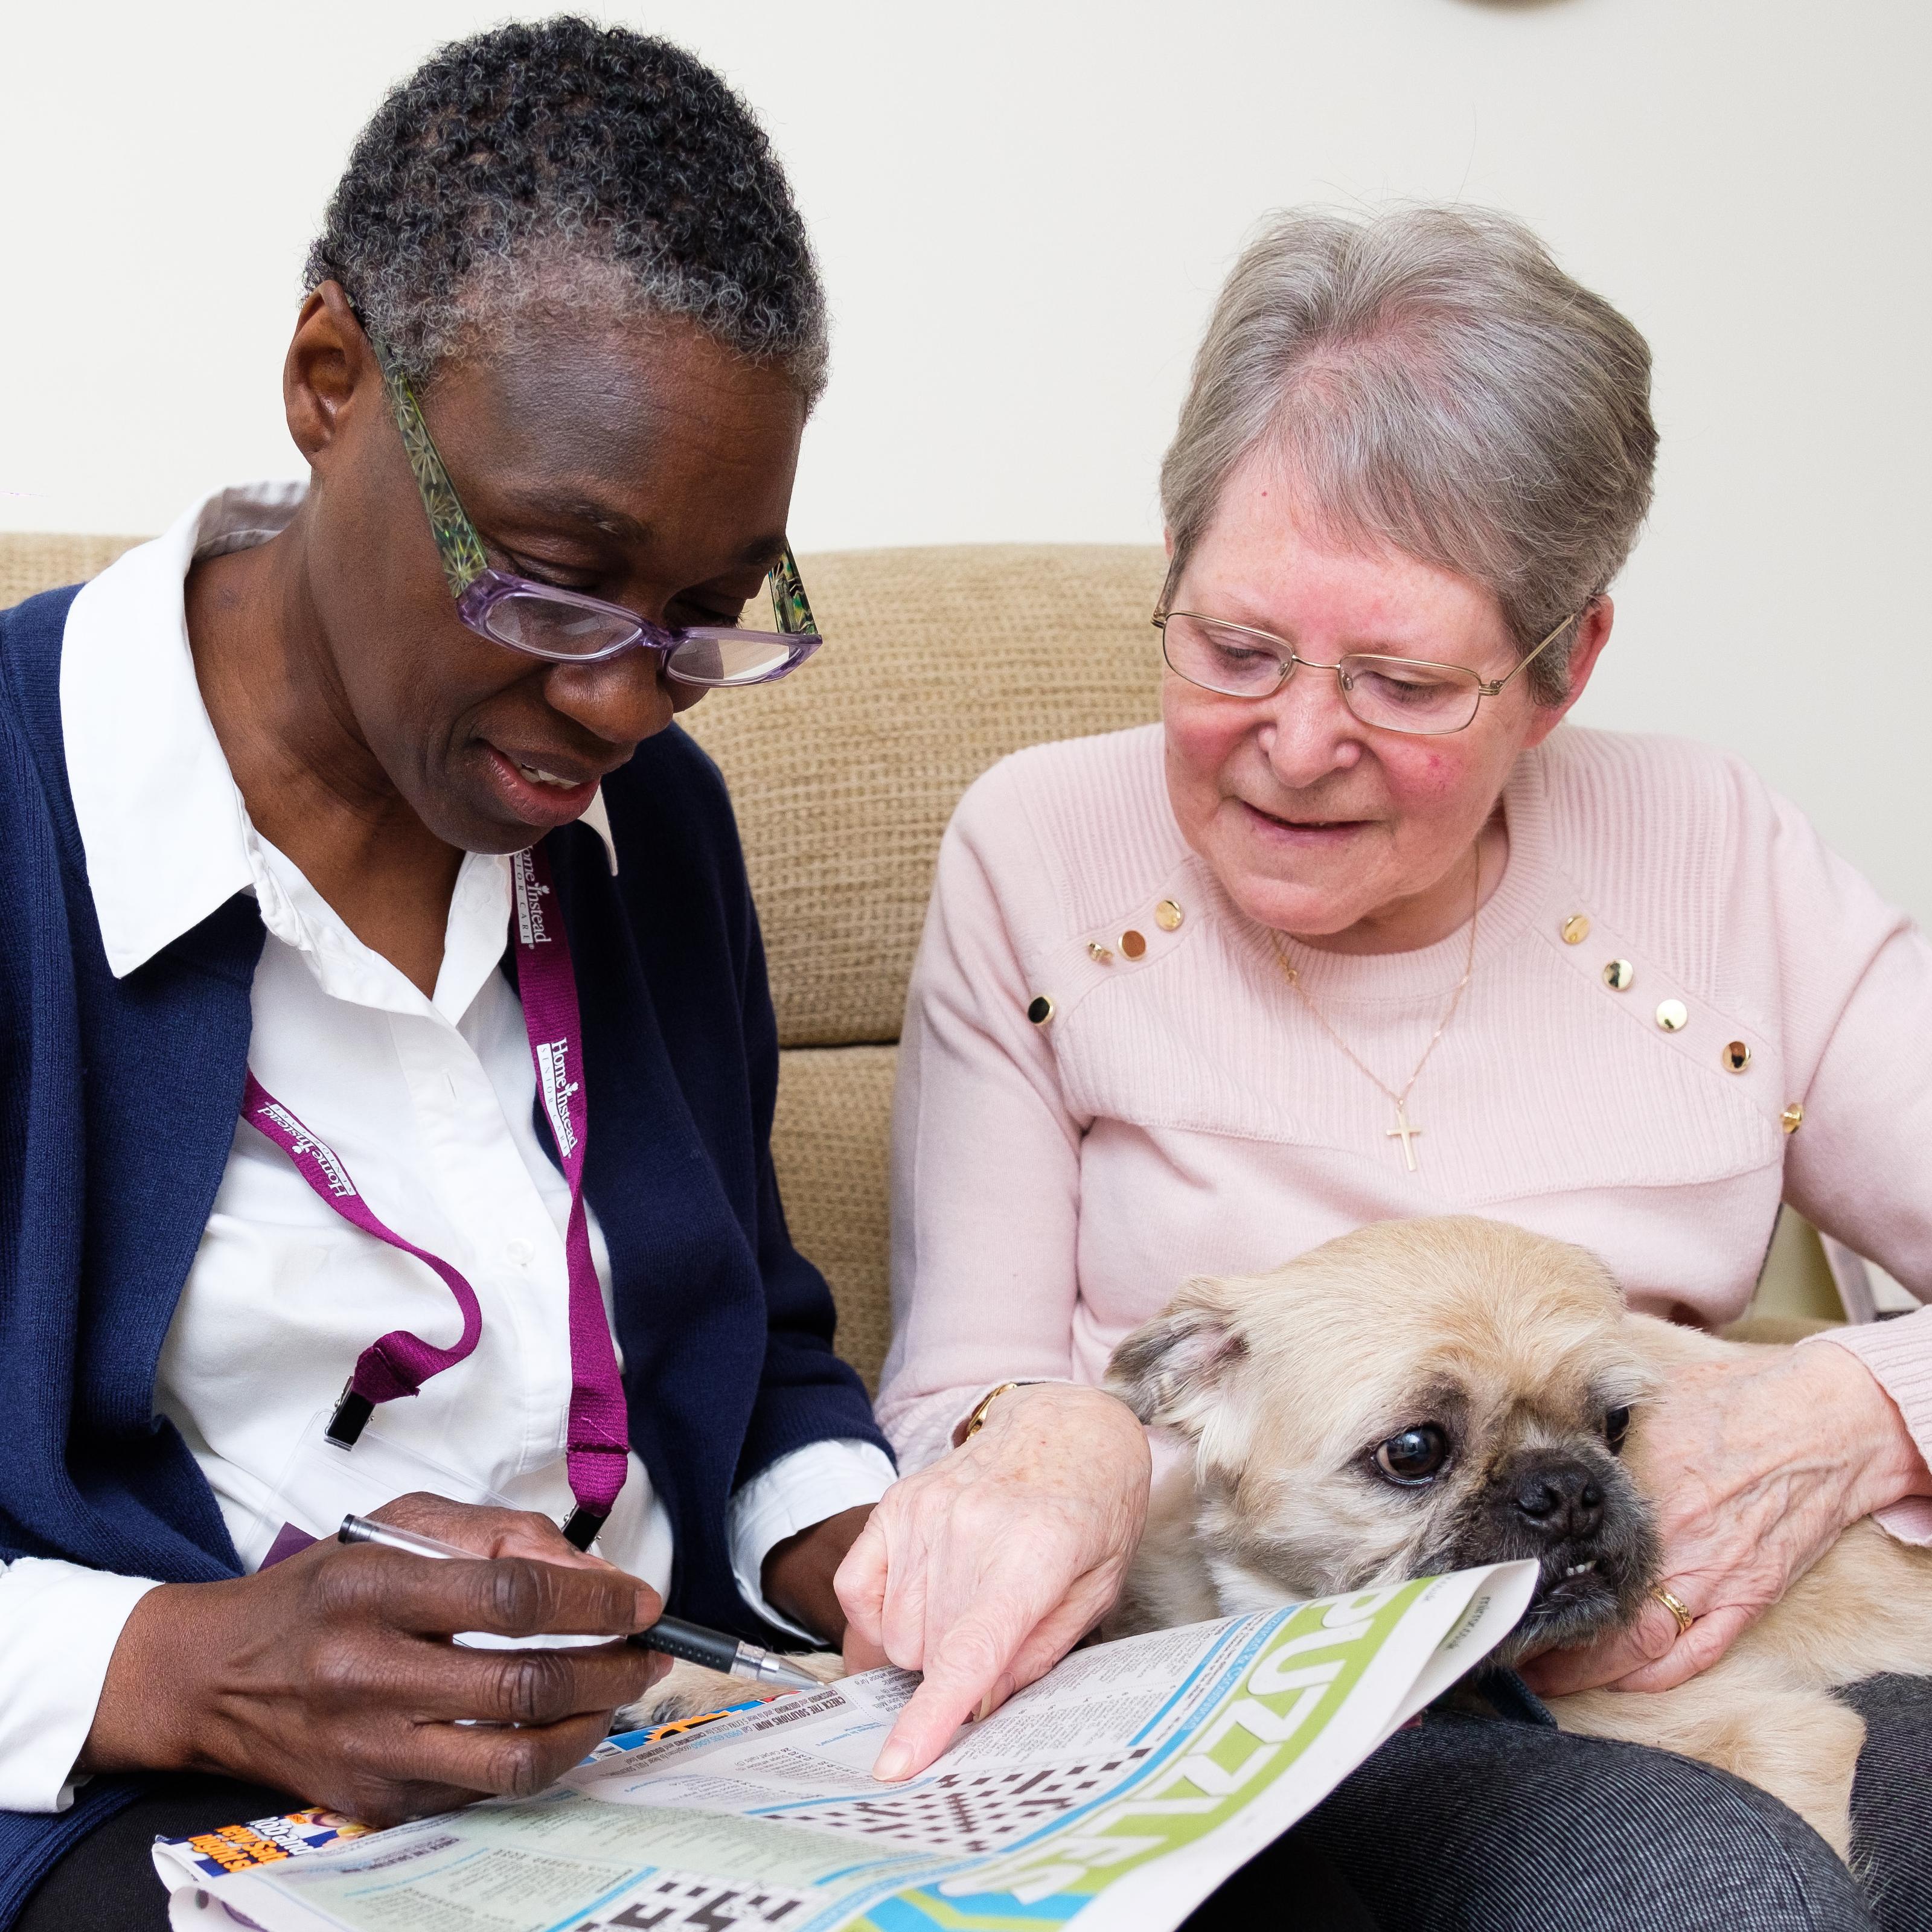 Home Instead Senior Care - CAREGiver & Client